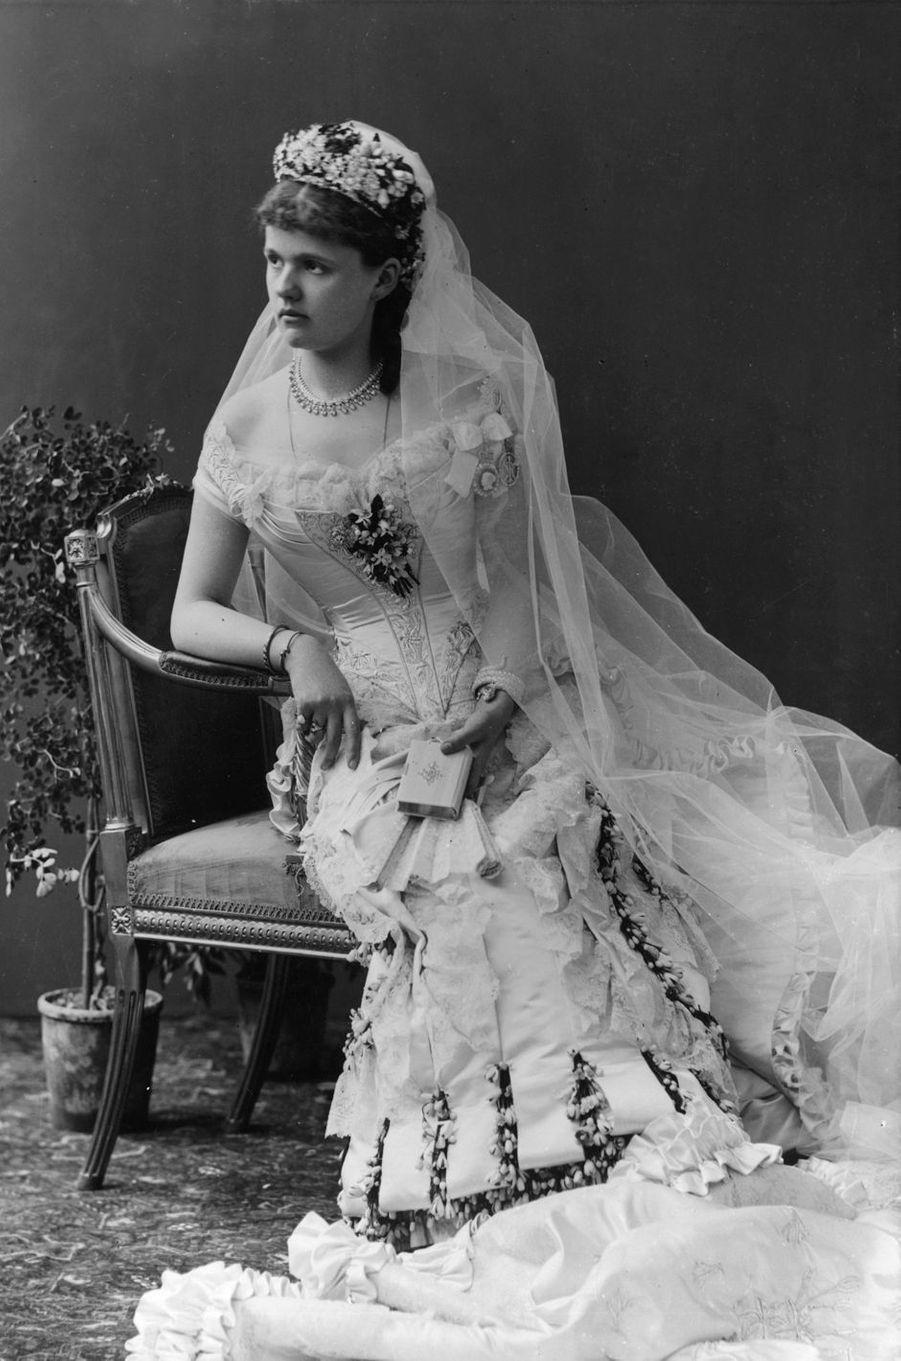 La princesse Helena de Waldeck et Pyrmont qui épouse le 27 avril 1882 le prince Leopold, duc d'Albany (fils de la reine Victoria)